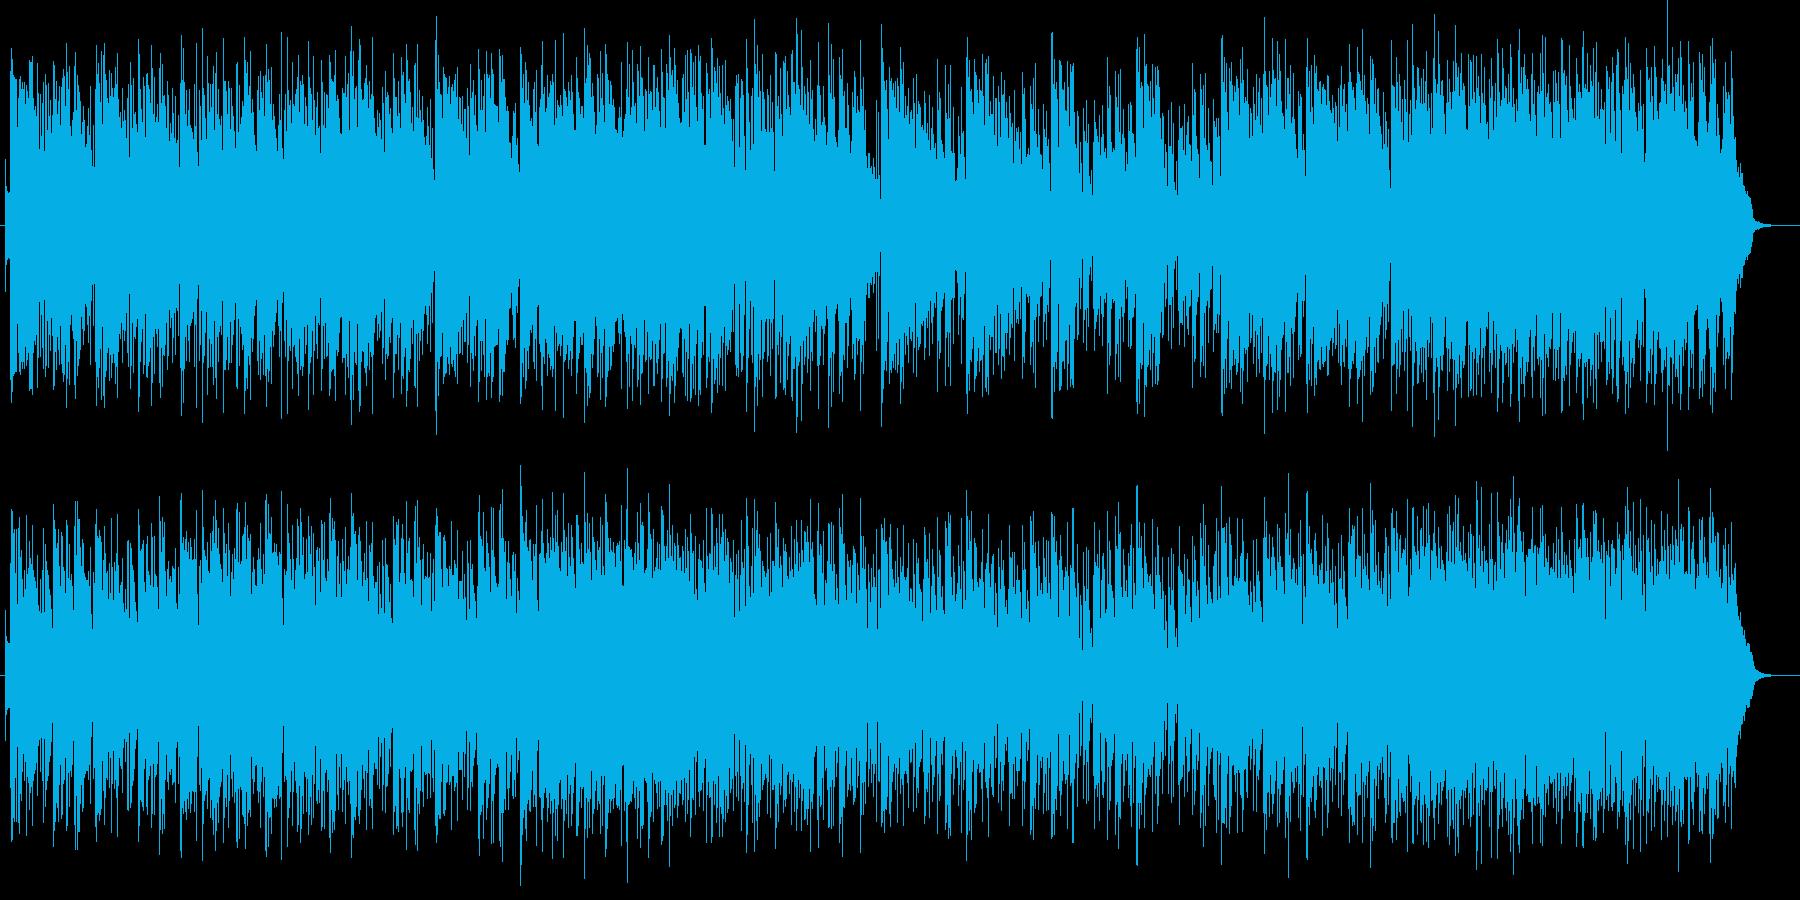 爽やかで軽快でリズミカルなピアノサウンドの再生済みの波形